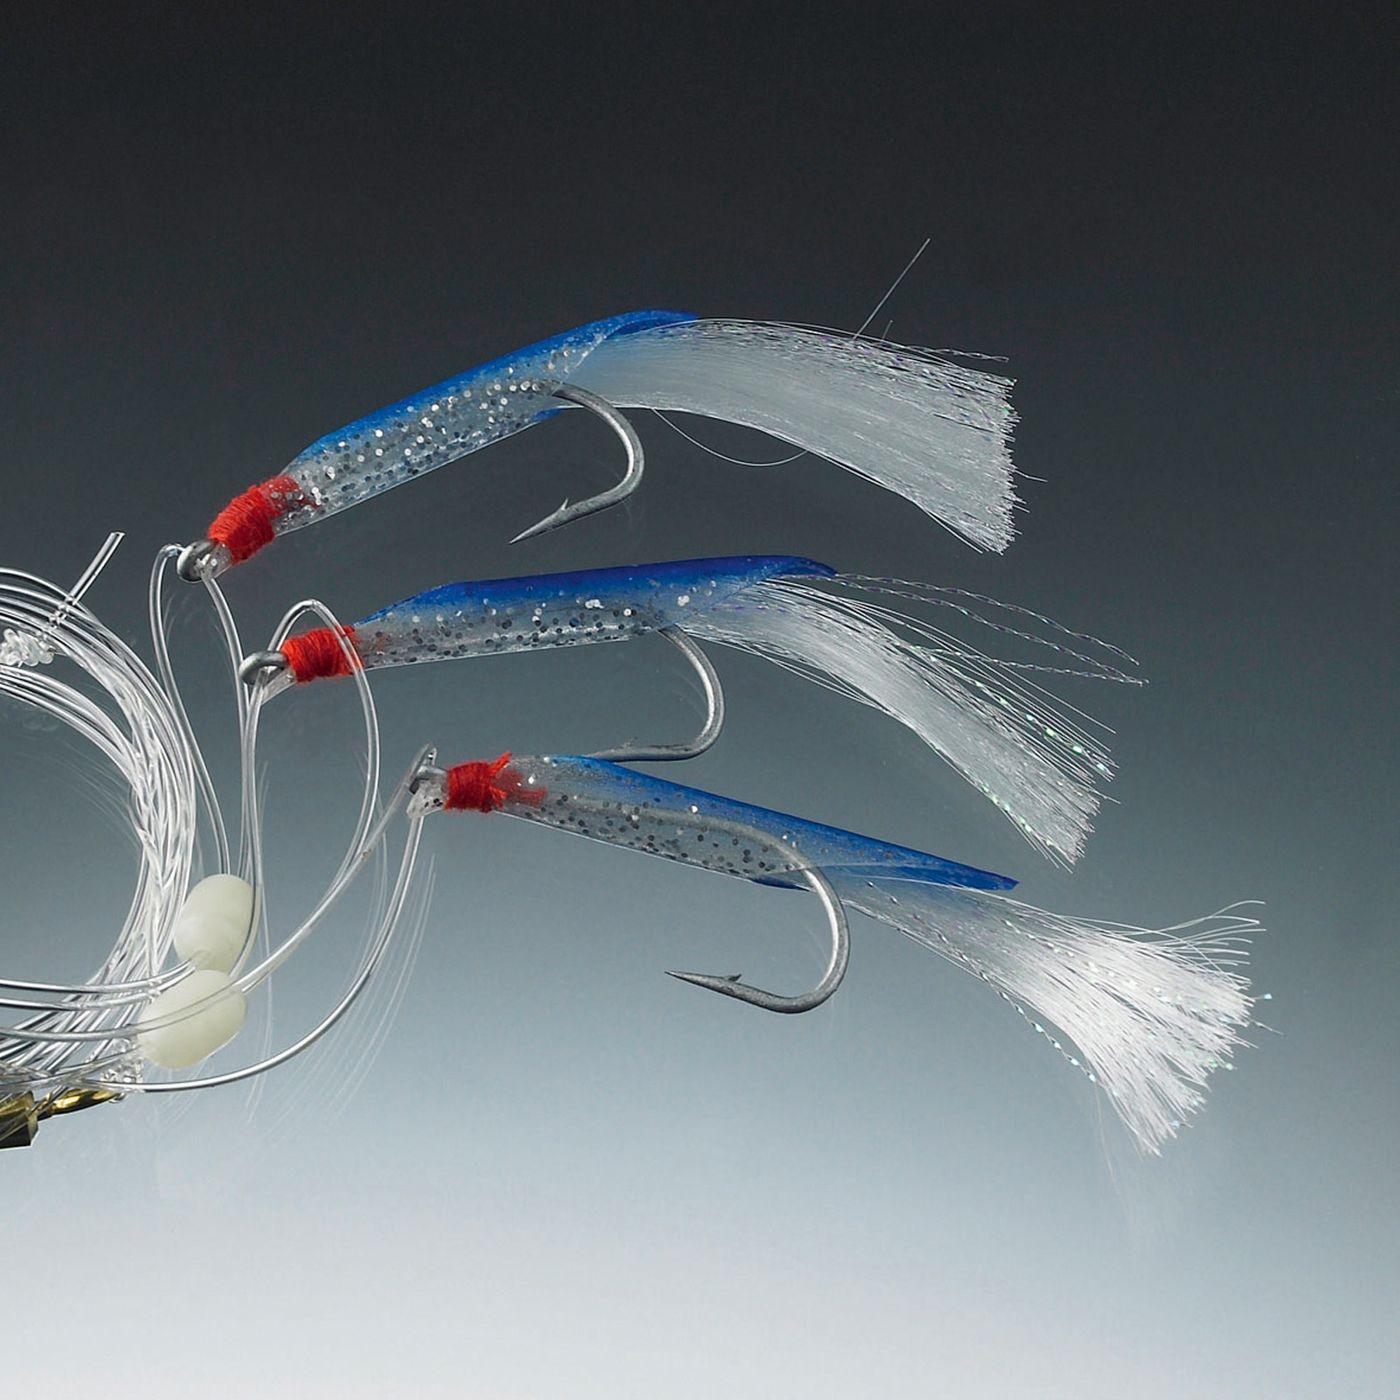 6 Balzer Meerforellenvorfach Shrimp 85cm 0,28mm Gr Meeresvorfach für Forelle